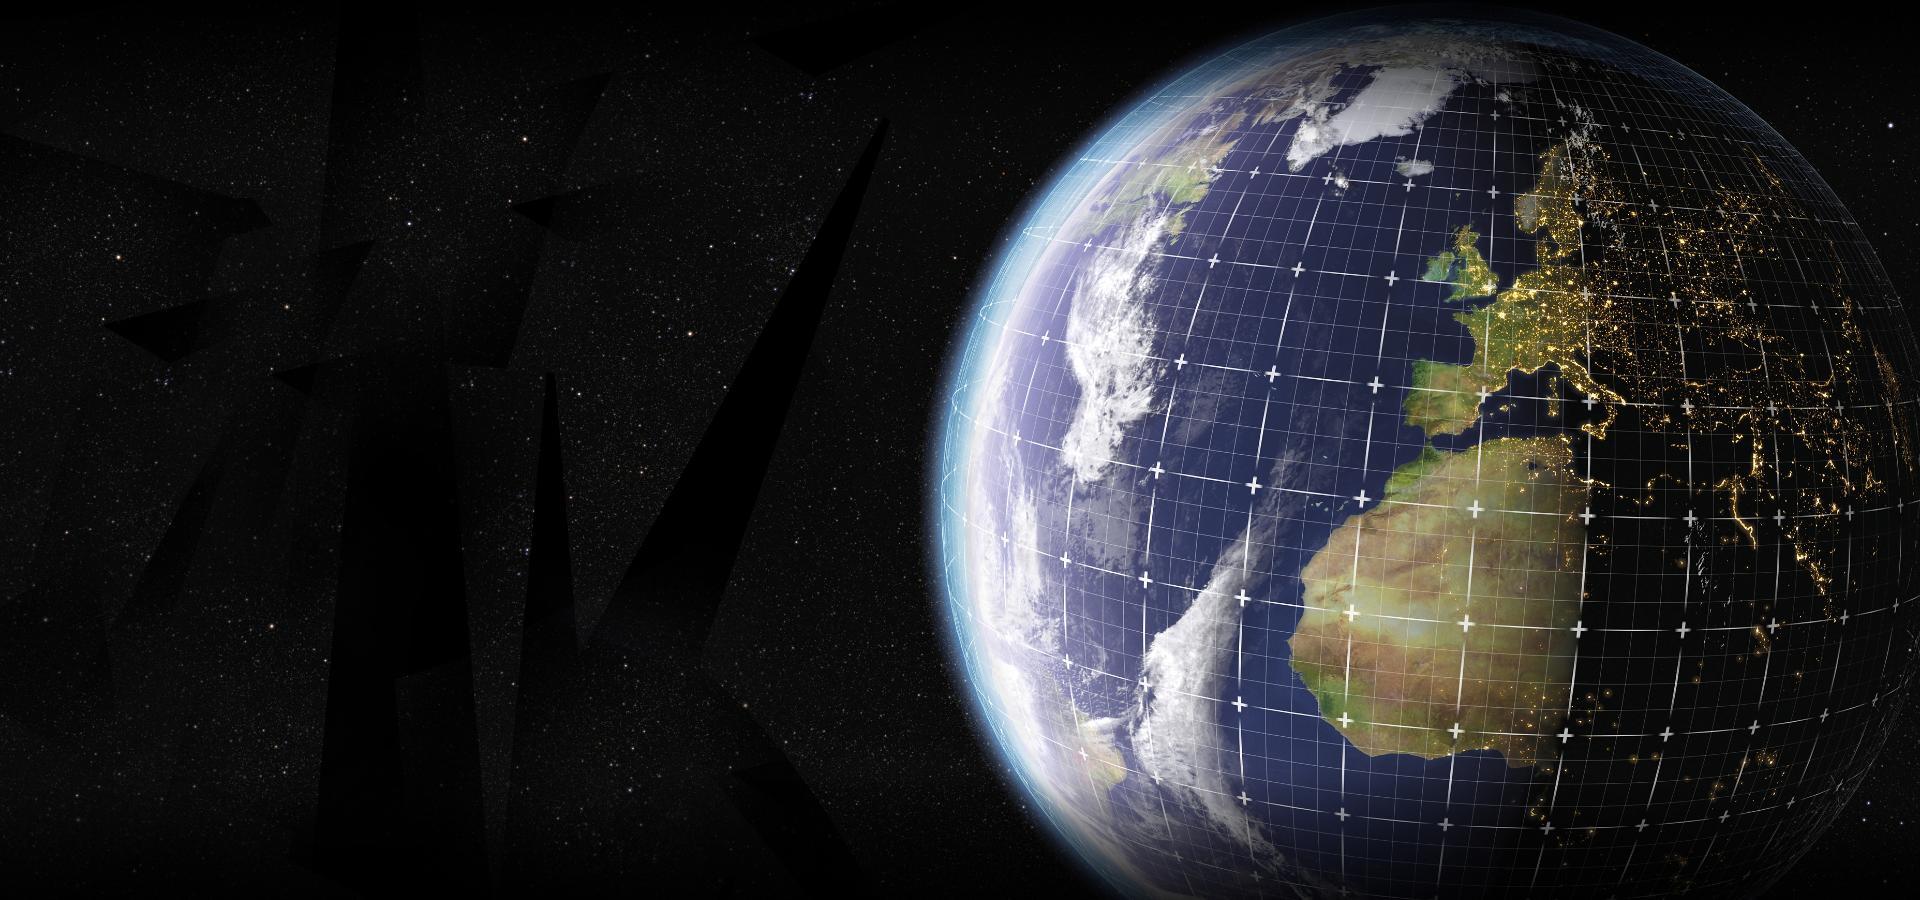 รูปภาพโลก